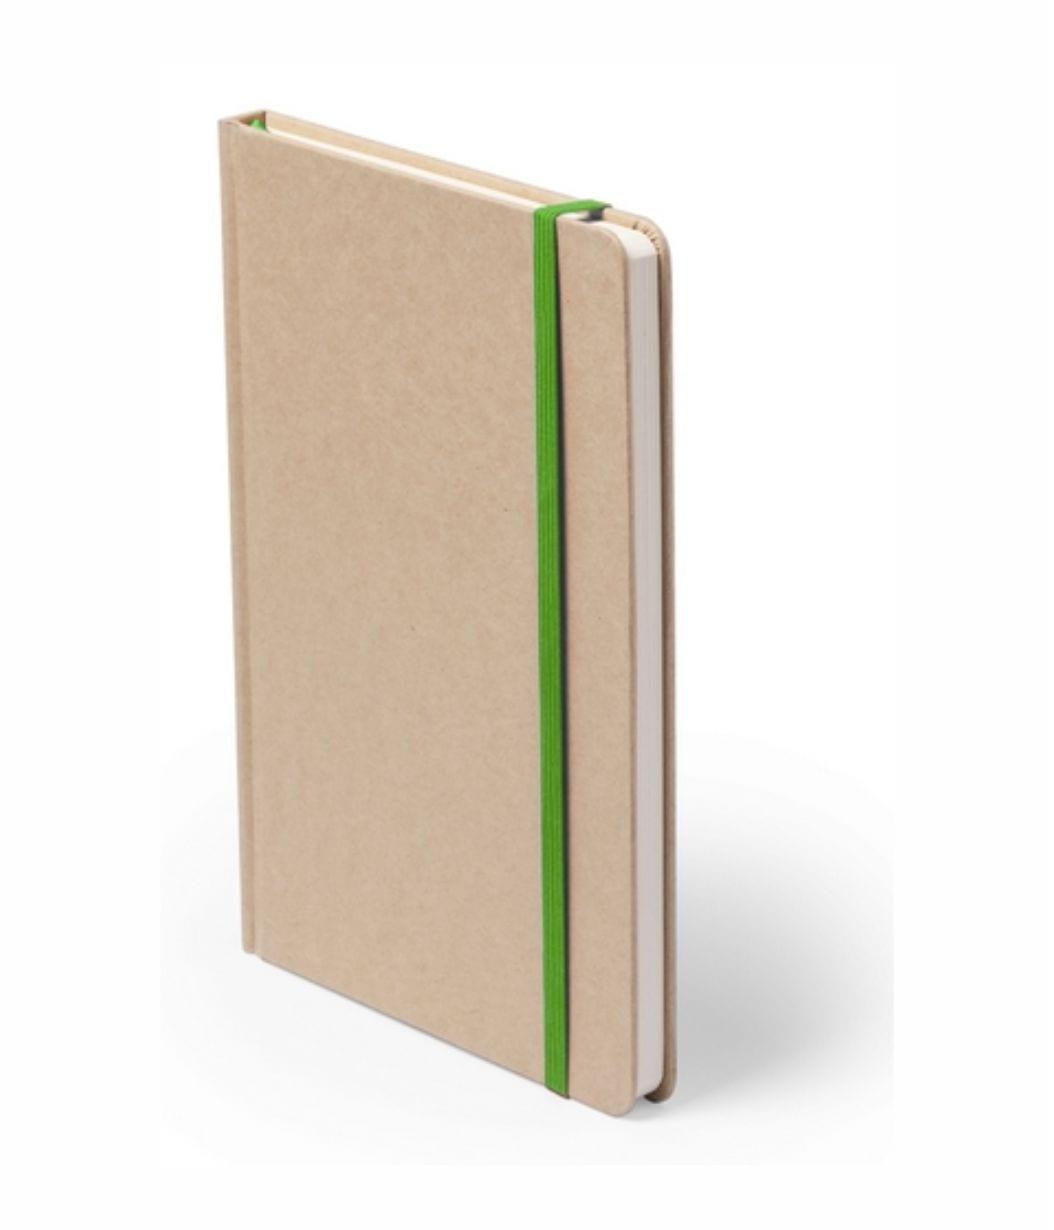 Bloc de notas Cartón Reciclado Personalizable detalle verde